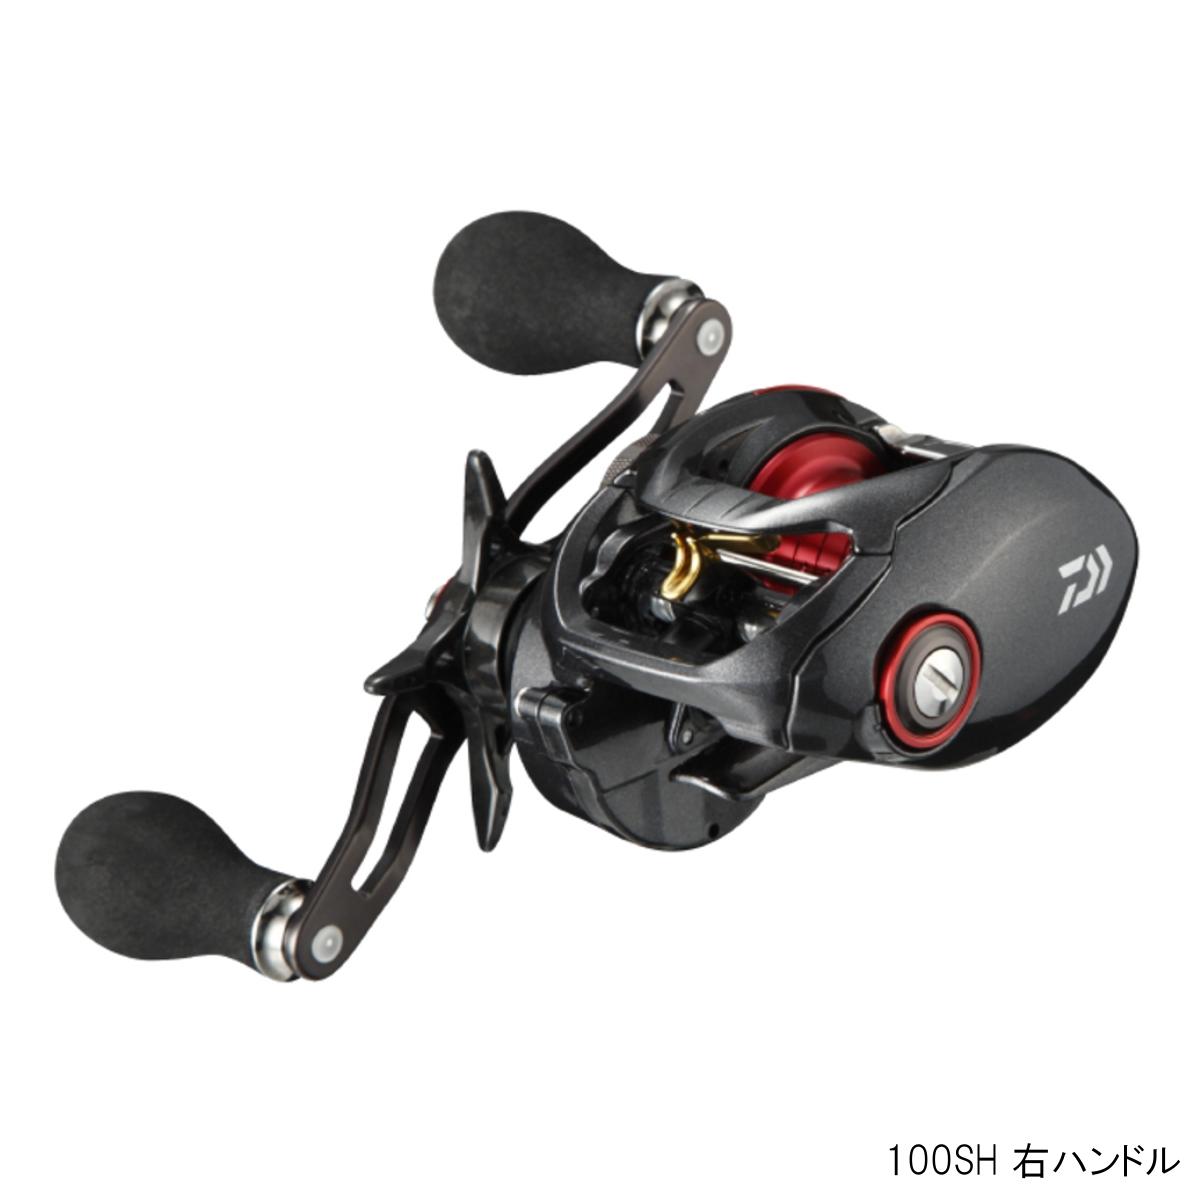 ダイワ スパルタンRT TW 100SH 右ハンドル(東日本店)